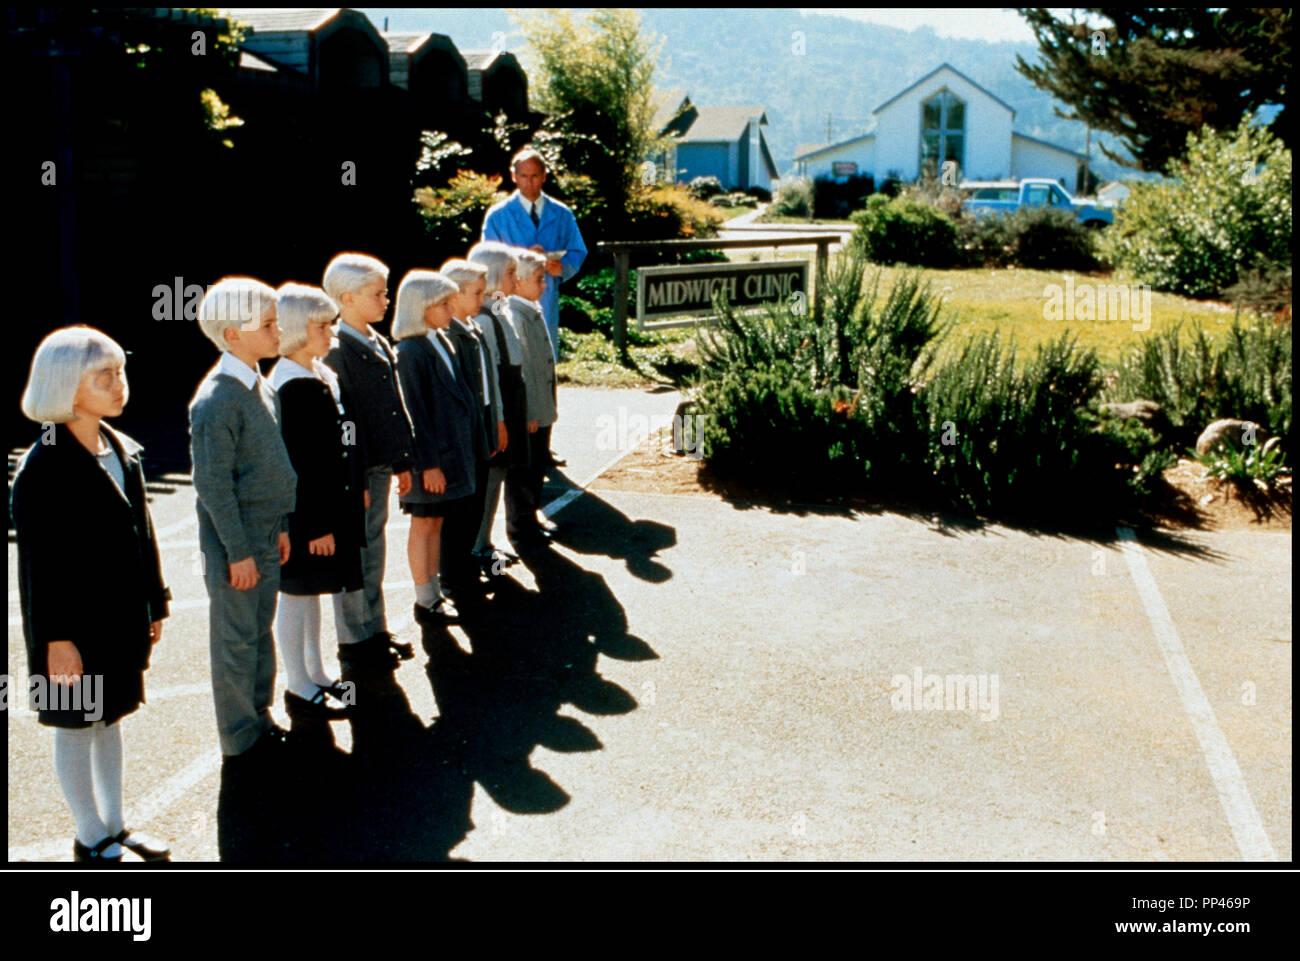 Prod DB © Universal / Alphaville Films / DR LE VILLAGE DES DAMNES (VILLAGE OF THE DAMNED) de John Carpenter 1995 USA enfants, fantastique, secte, ecole, peur, effrayant,  d'apres le roman de John Wyndham 'THE MIDWICH CUKOOS' John Carpenter remake de LE VILLAGE DES DAMNES (1960) - Stock Image